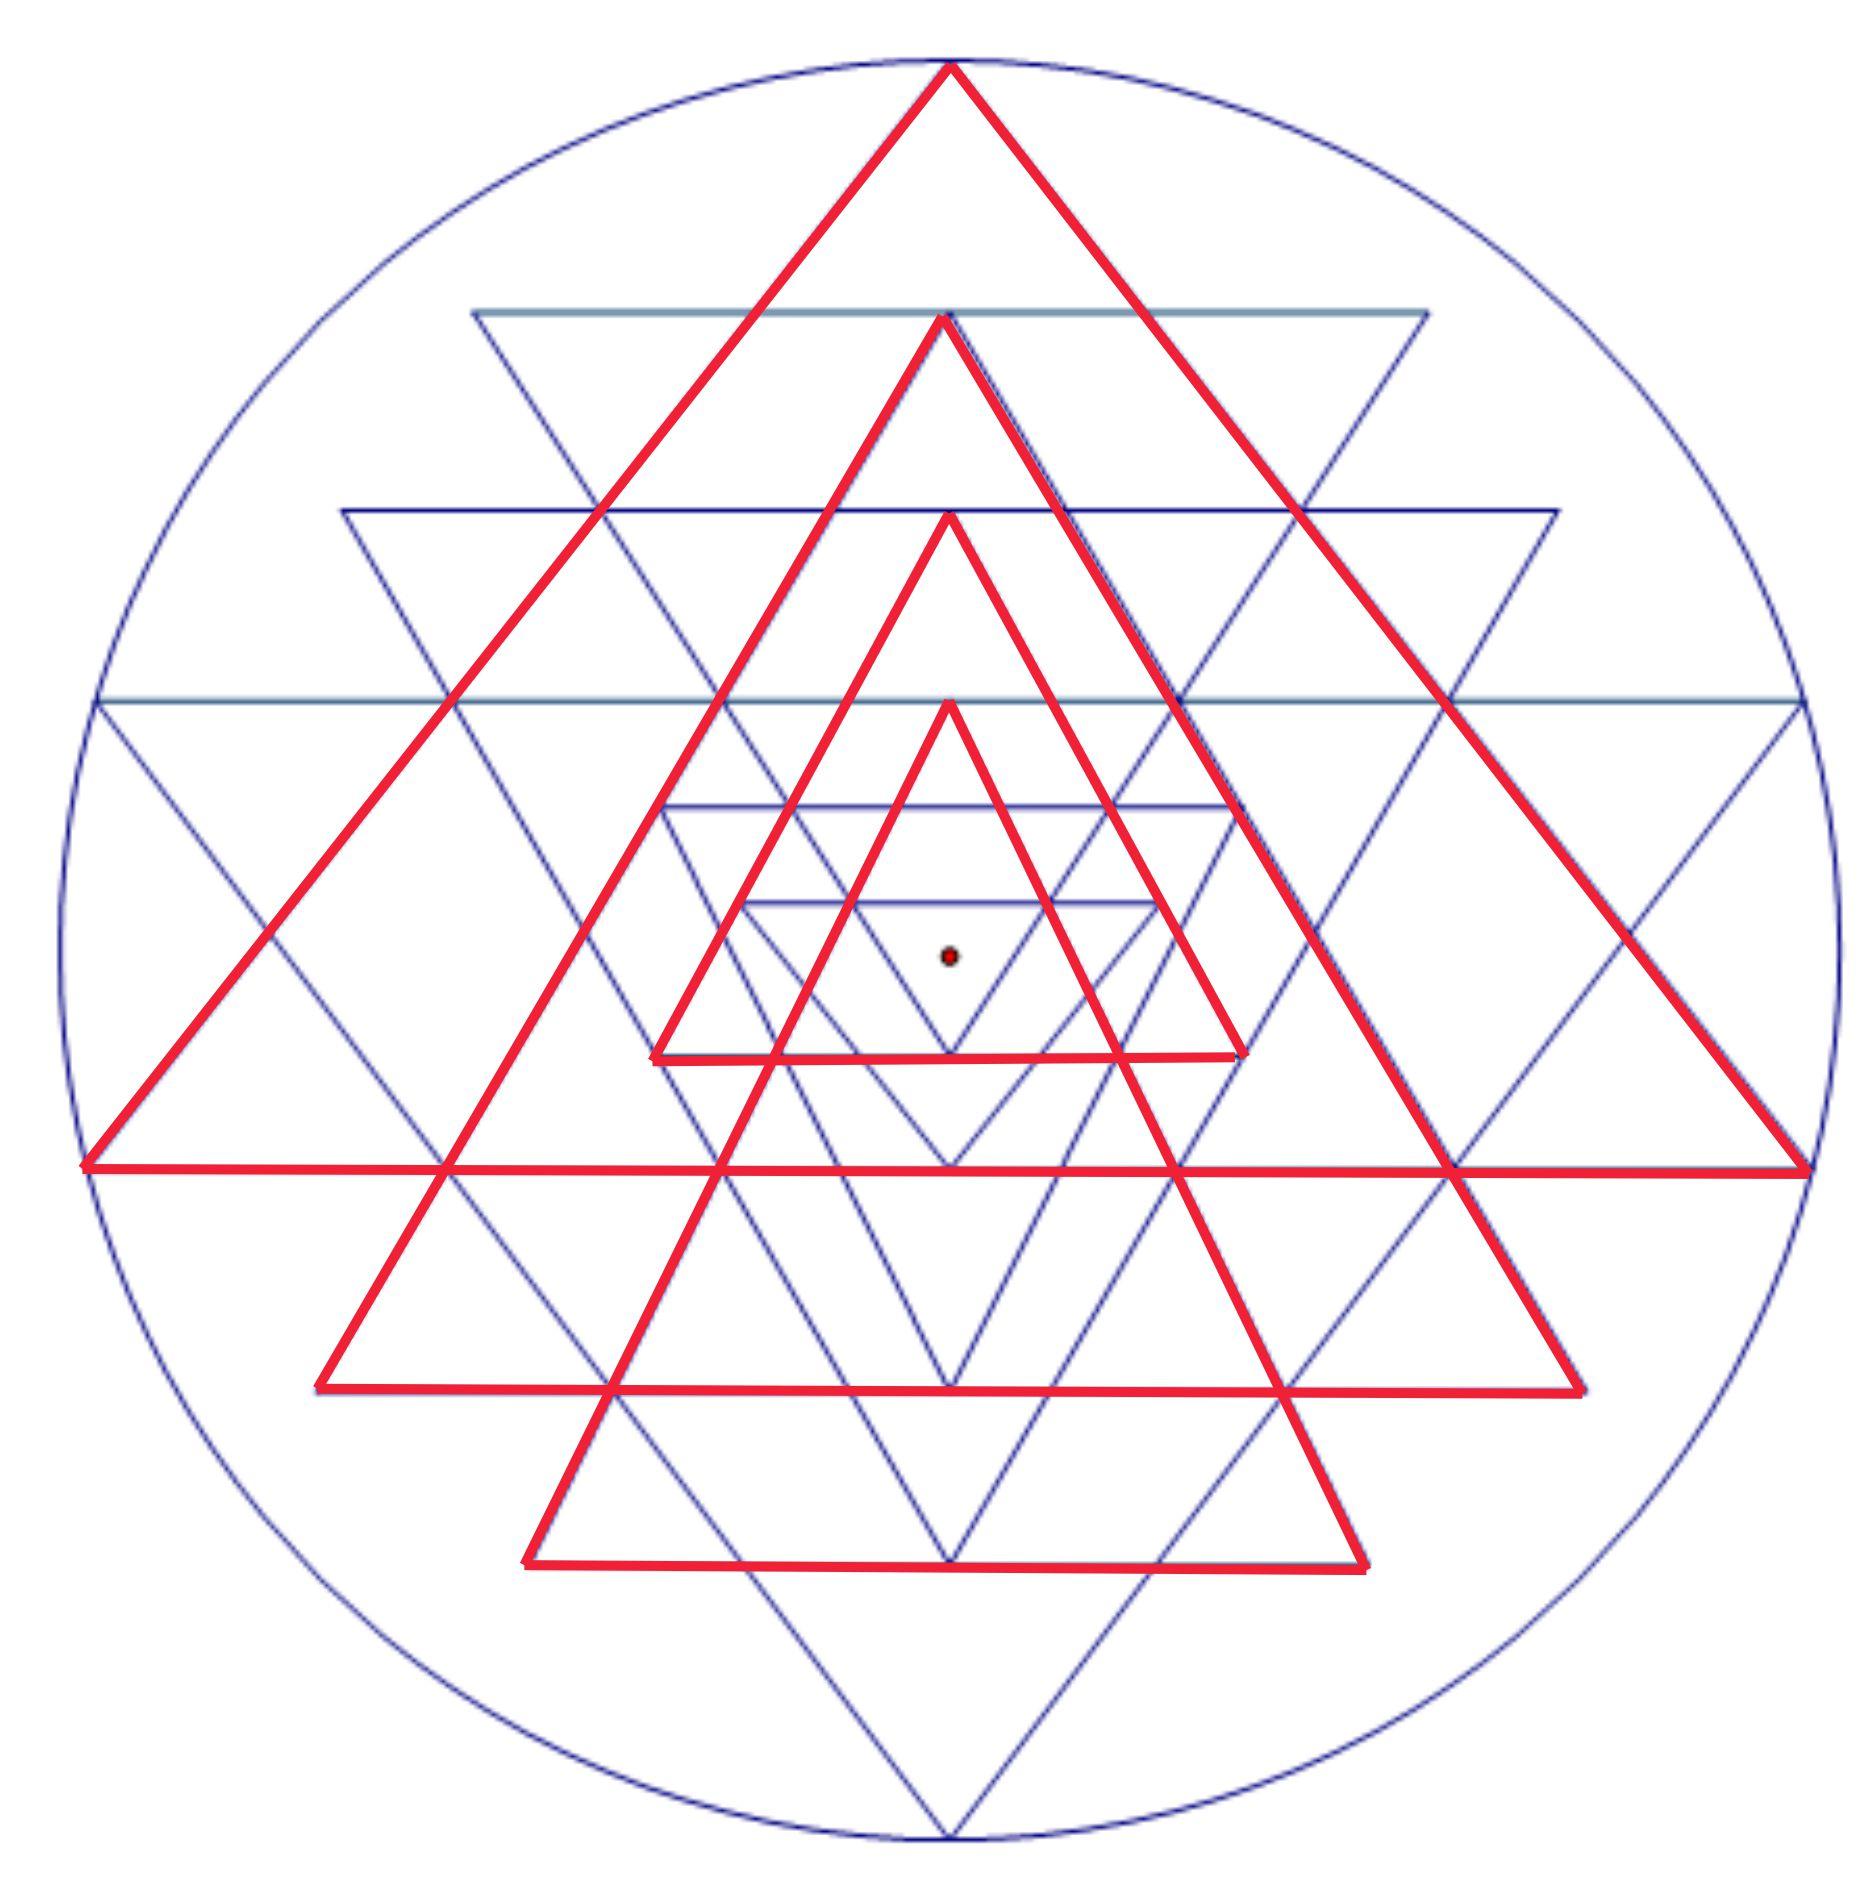 A Sri yantra középső része a 9 egymásba forduló háromszöggel